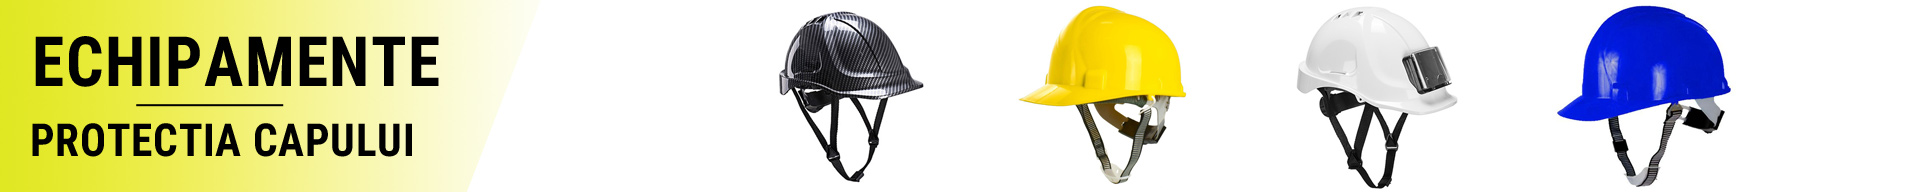 Echipamente pentru protectia capului